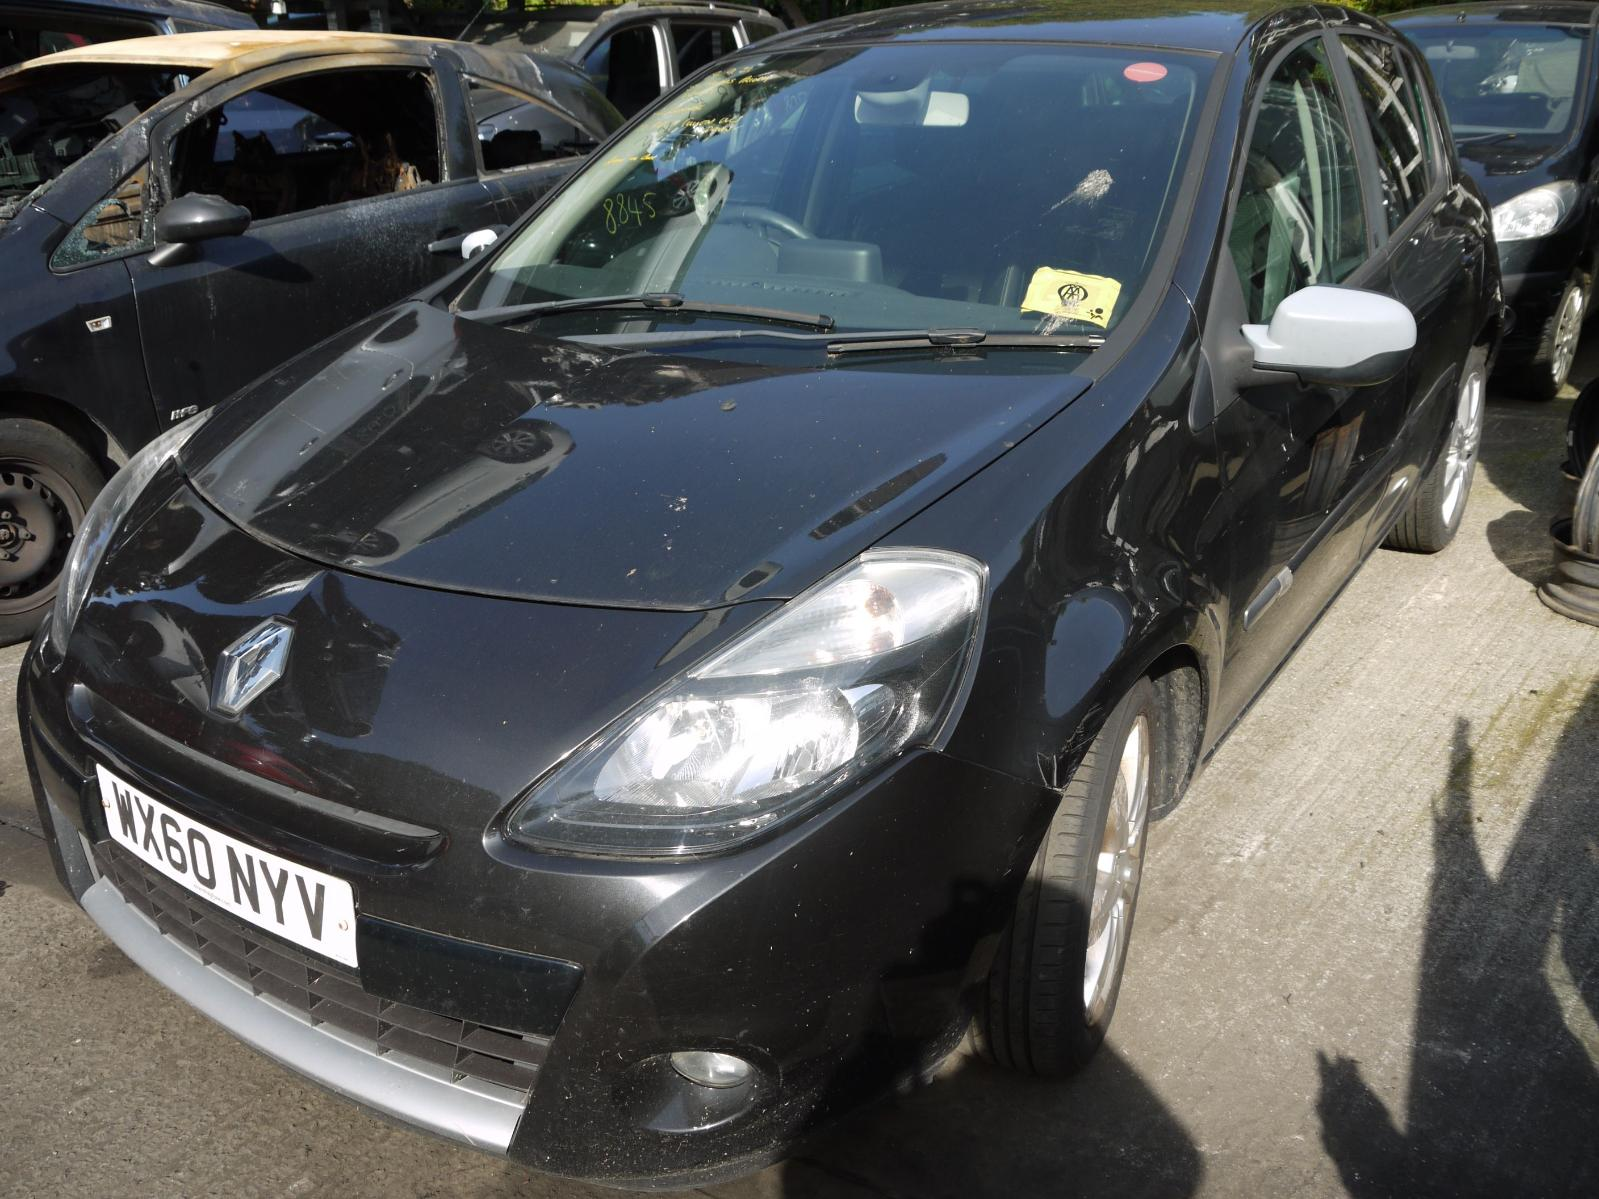 Image for a RENAULT CLIO 2010 5 Door Hatchback